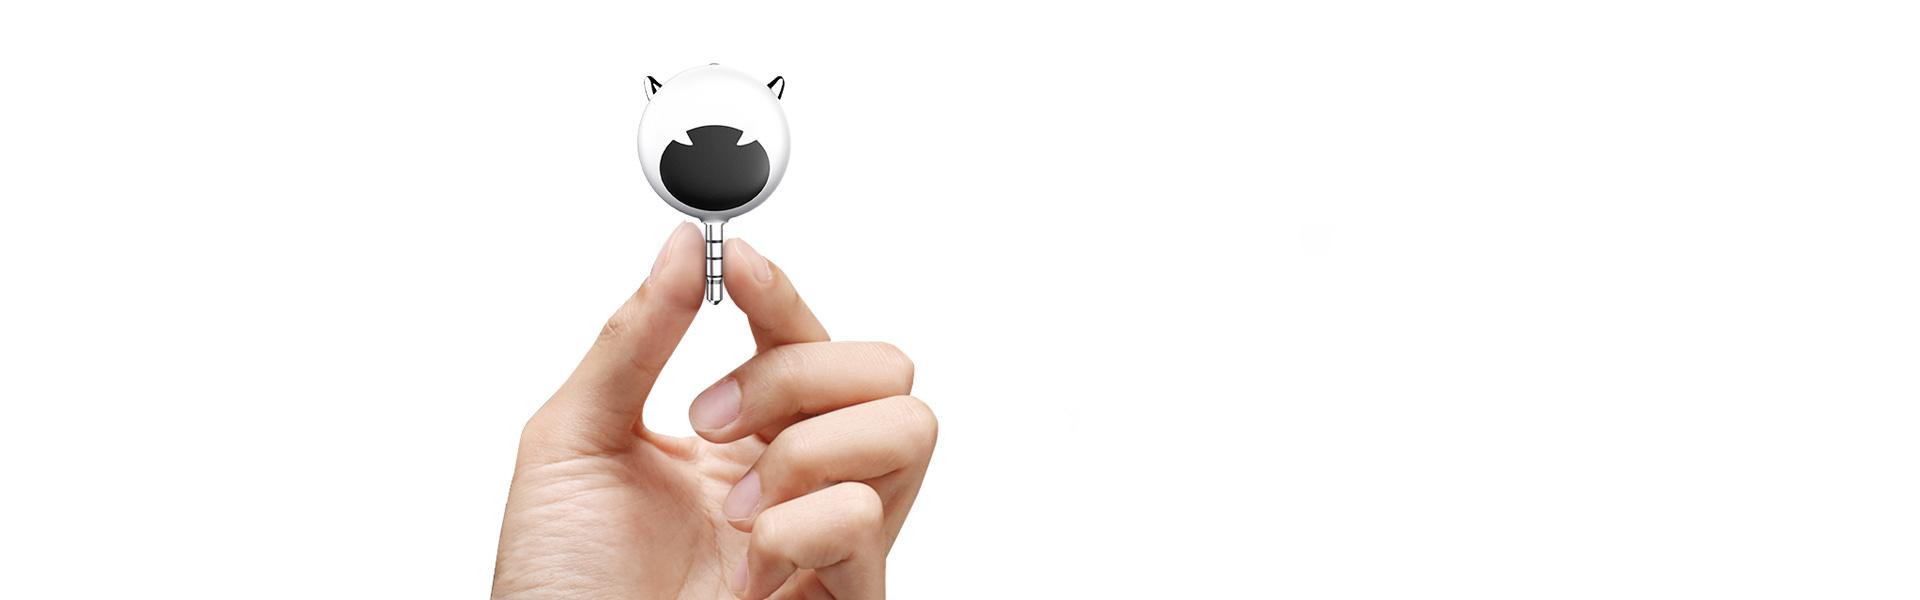 指尖遥控-手机红外遥控器,安卓版